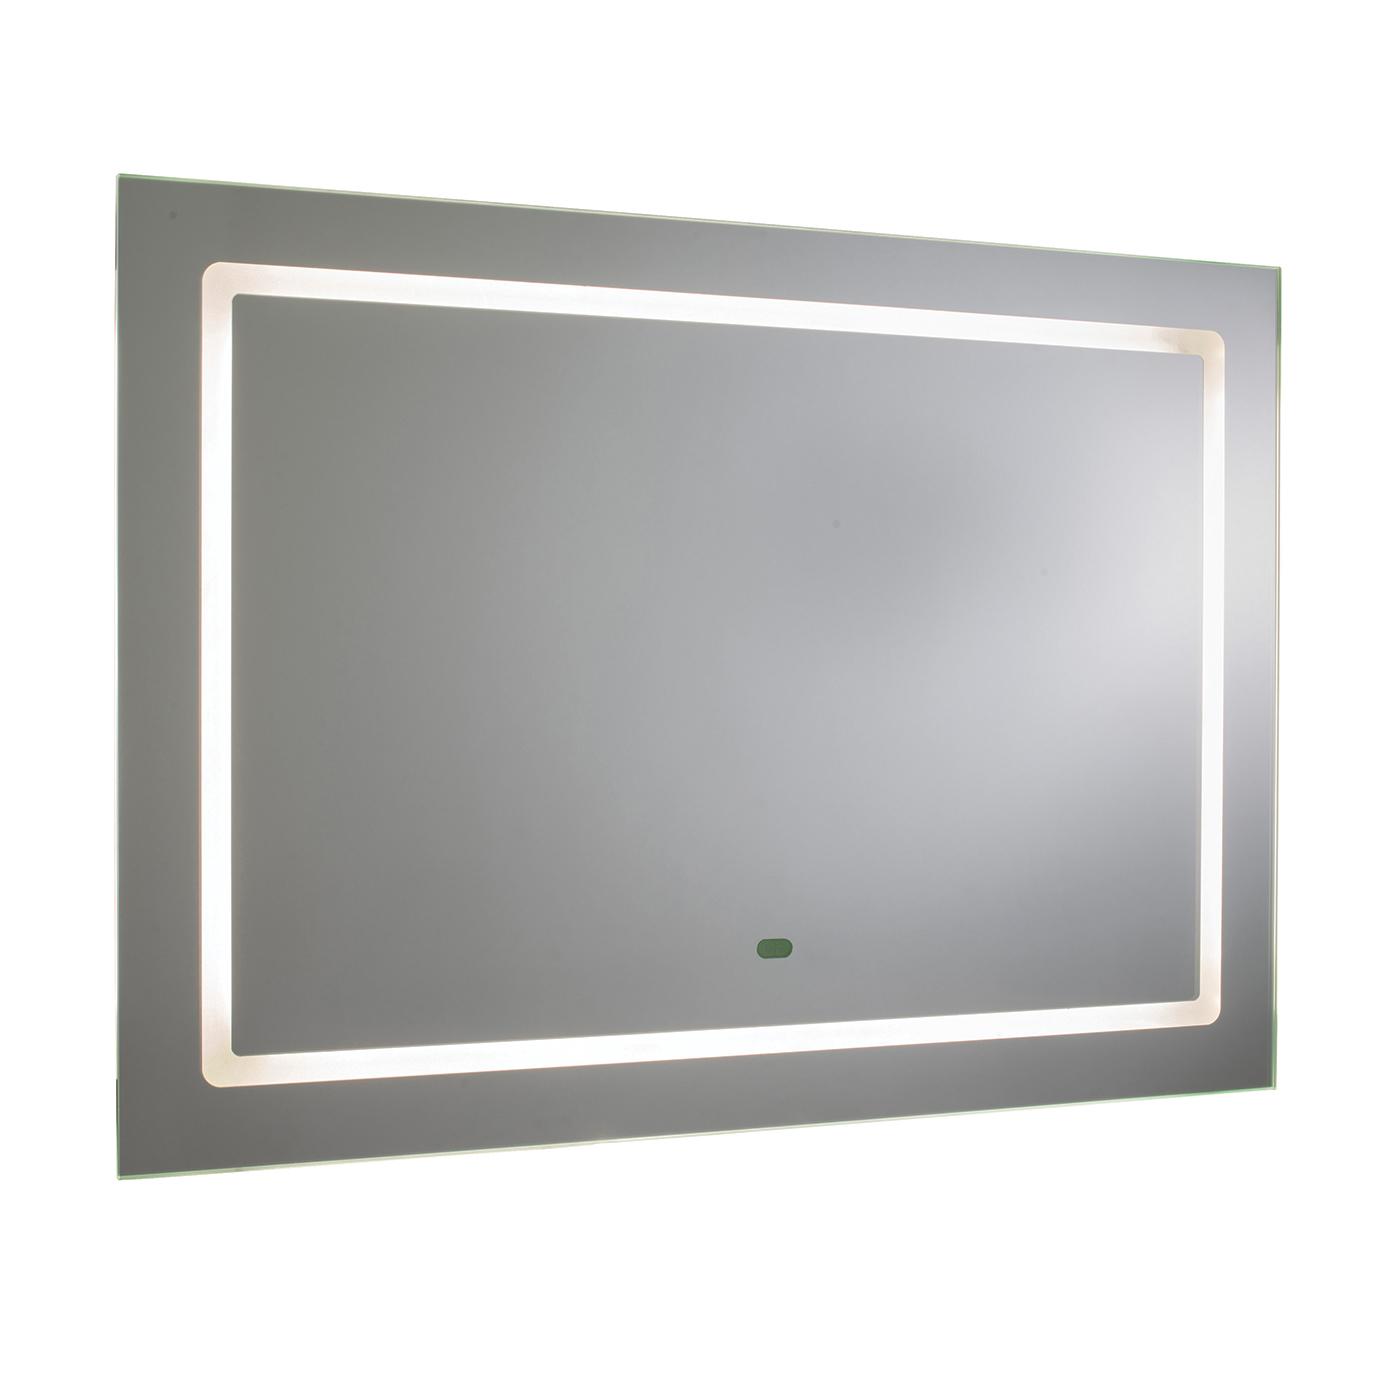 Endon 60897 LED Bthrm Mirror & Snsr 15W